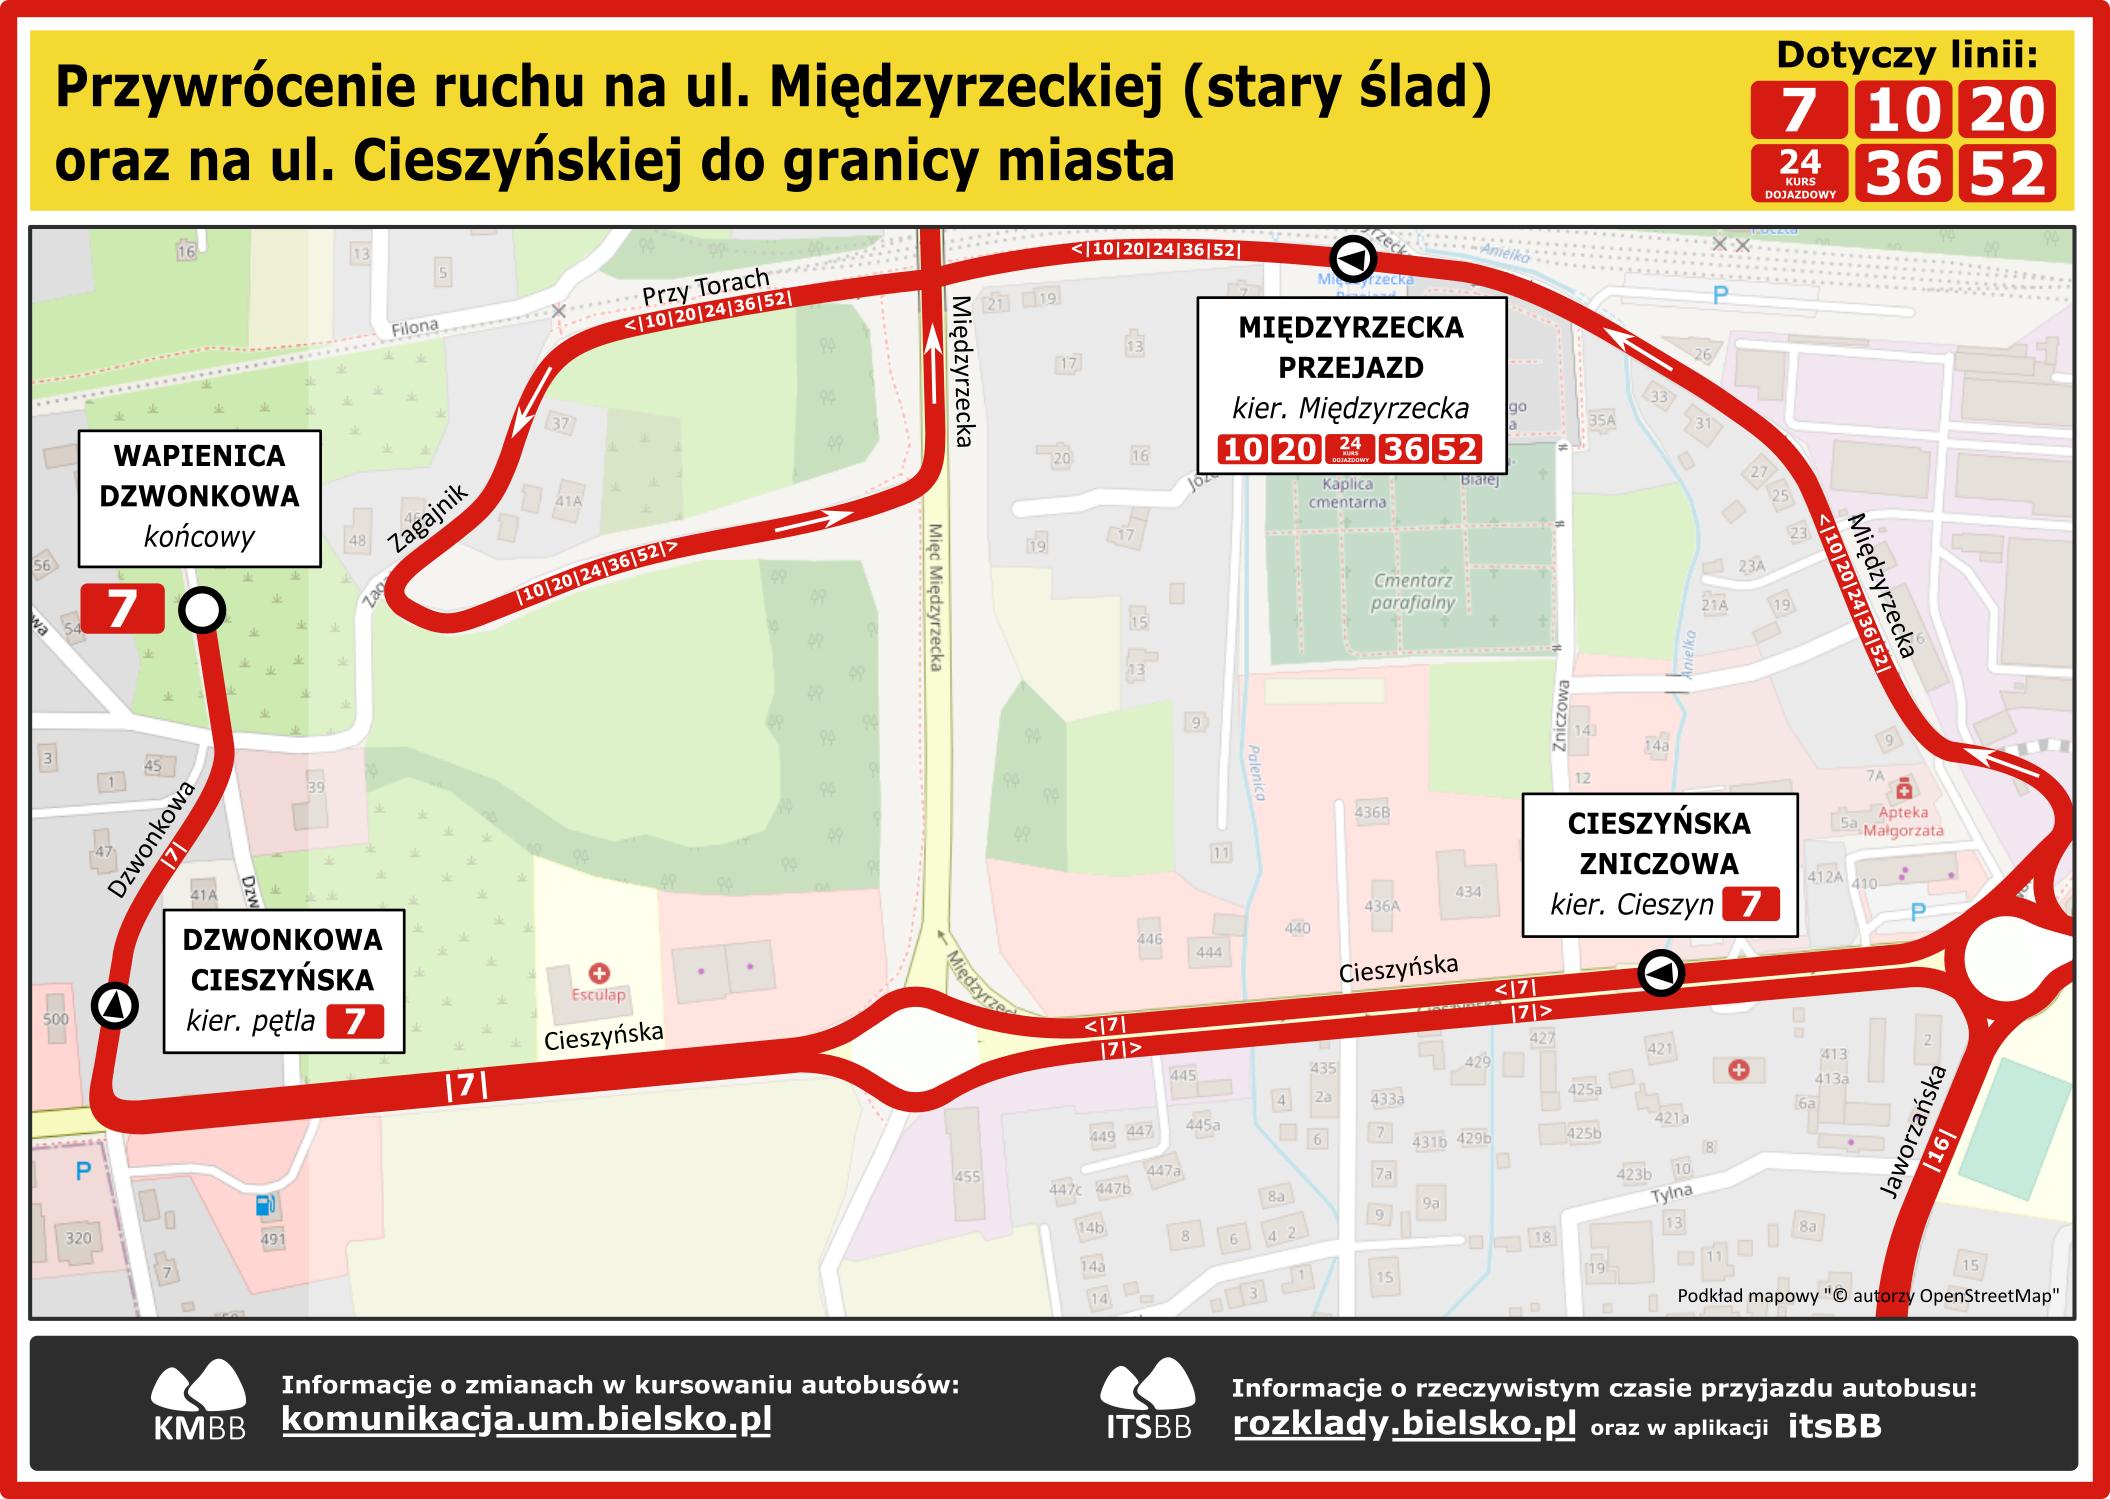 Przywrócenie ruchu na ul. Międzyrzeckiej i ul. Cieszyńskiej